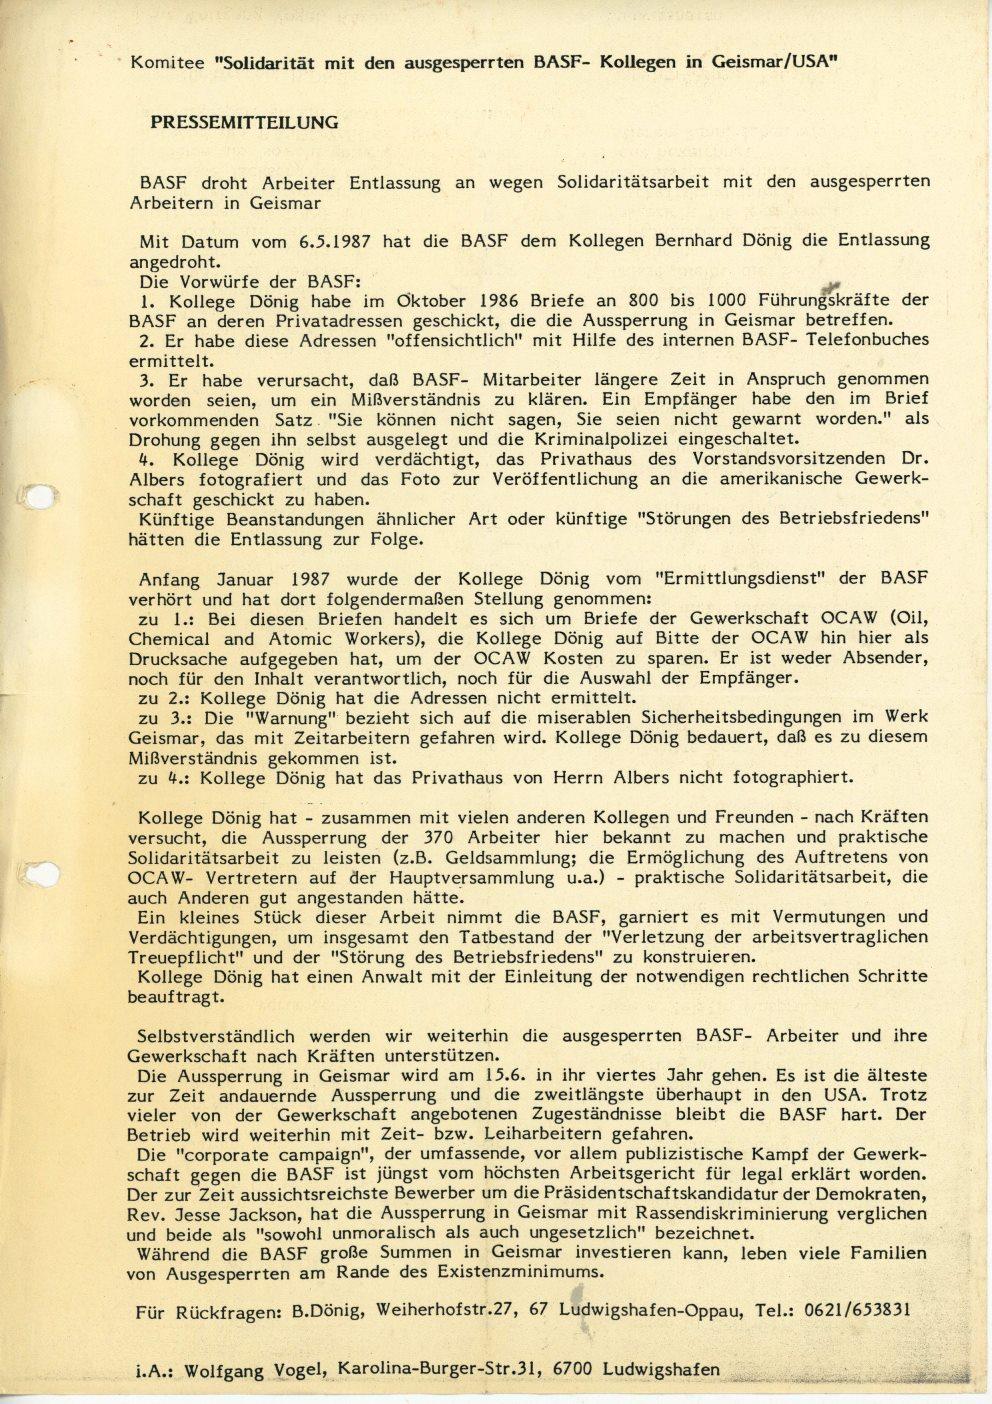 USA_BASF_Aussperrung_in_Geismar_1987_3_01